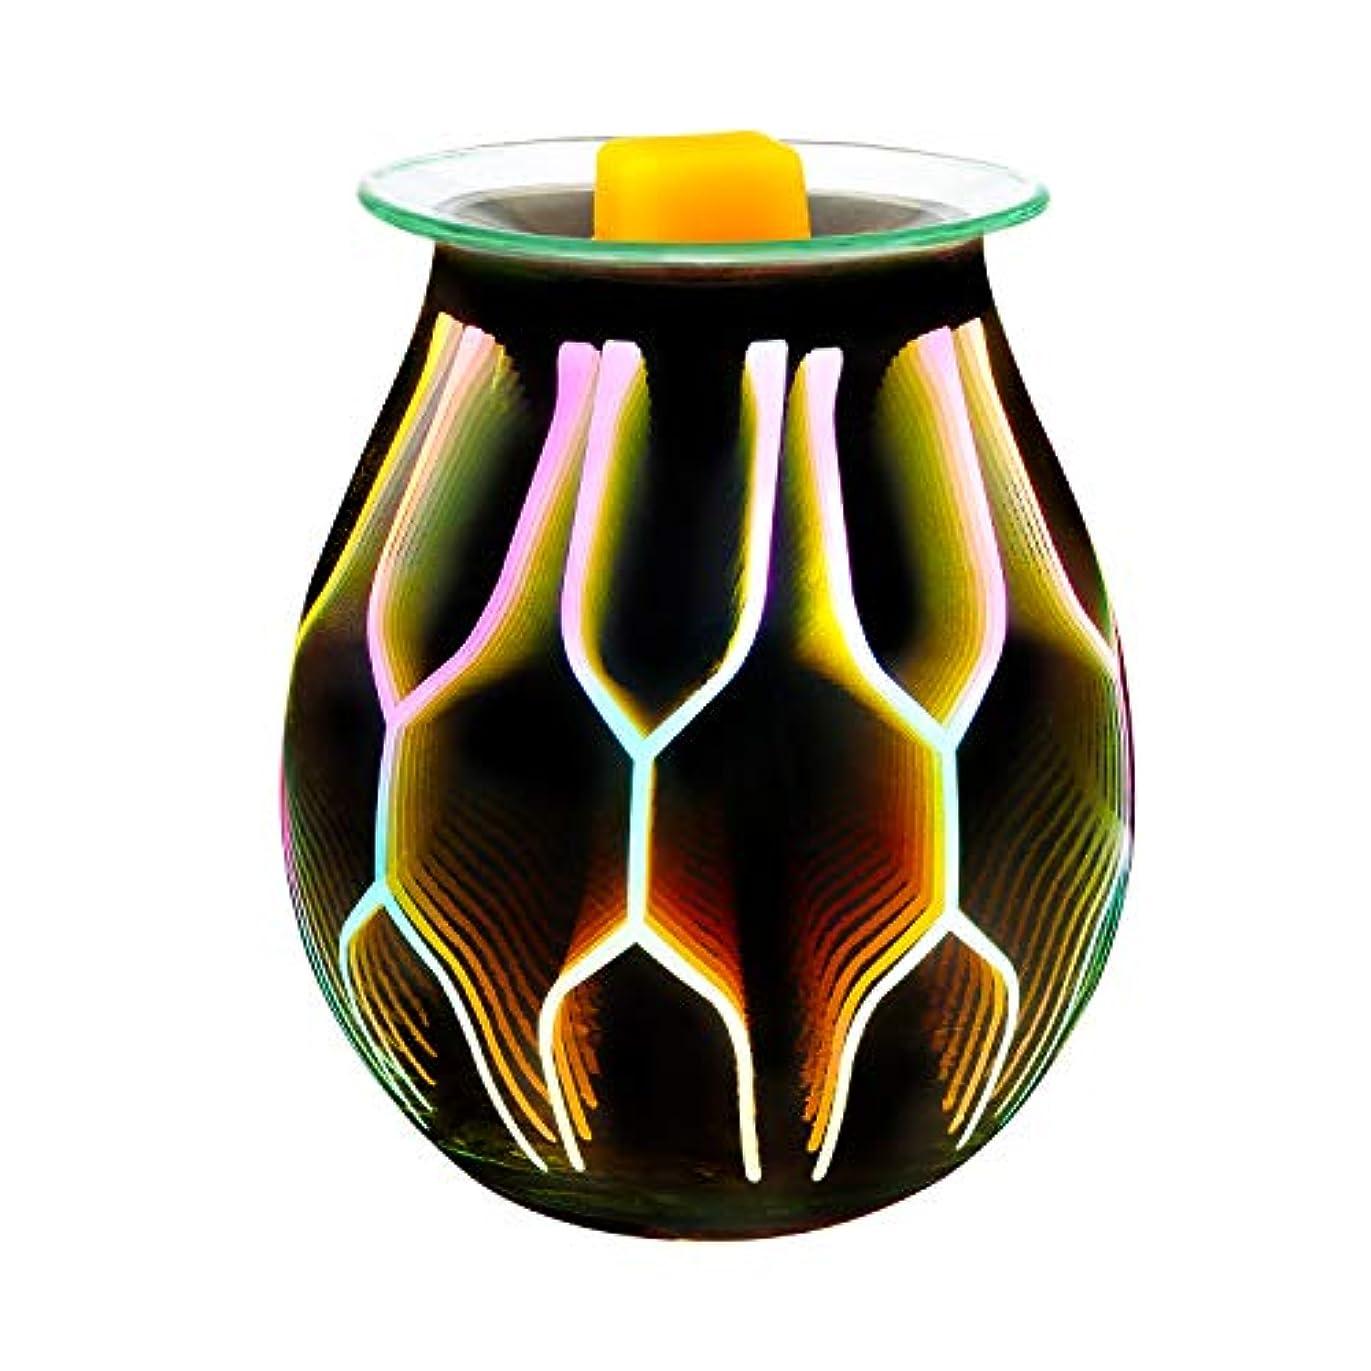 アラブ因子不振COOSA Electric Oil Warmer、美しいガラスワックスTartスターバーストNight Burnerライトアロマ装飾ランプwith 3d効果ギフトの装飾、パーティー、